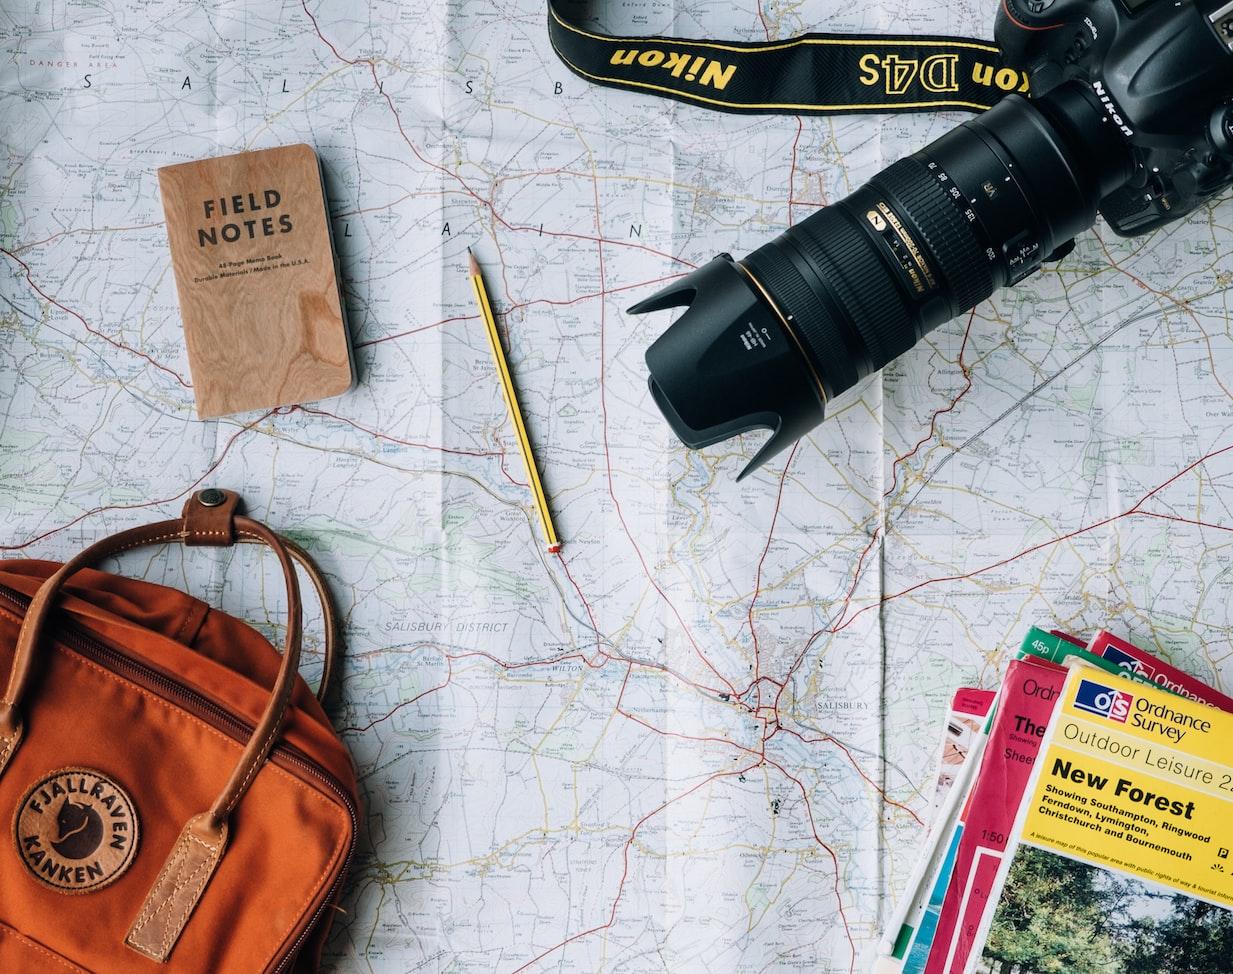 фотография карты, на которой лежат путеводители и фотокамеры